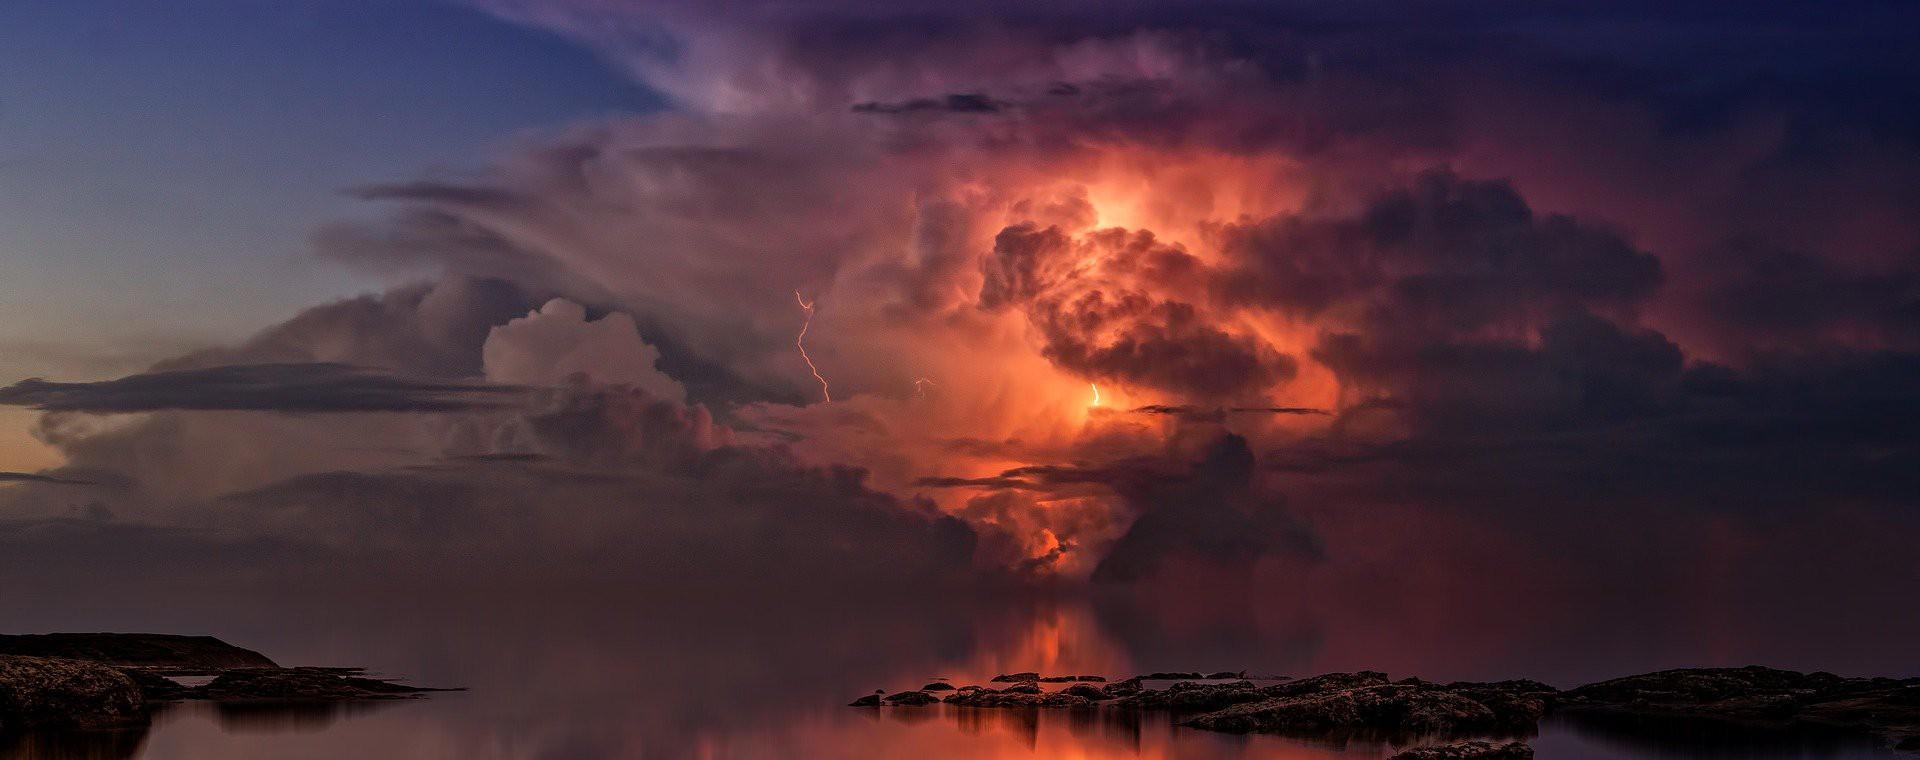 Wie kann Blitzschlag Brände oder sonstige Sachschäden verursachen?